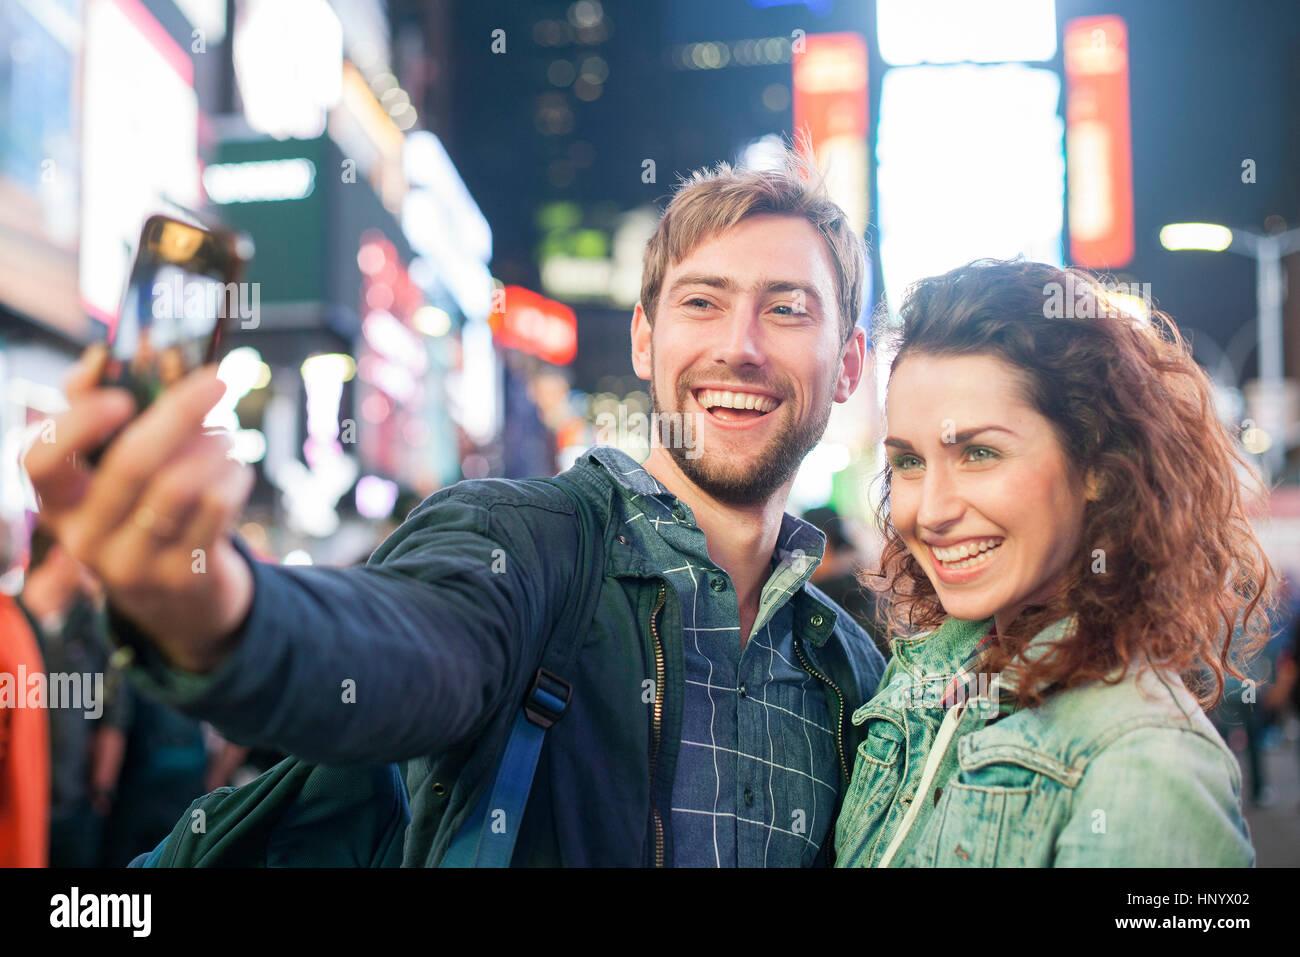 Pareja joven teniendo selfie en Times Square, Nueva York, Nueva York, EE.UU. Imagen De Stock